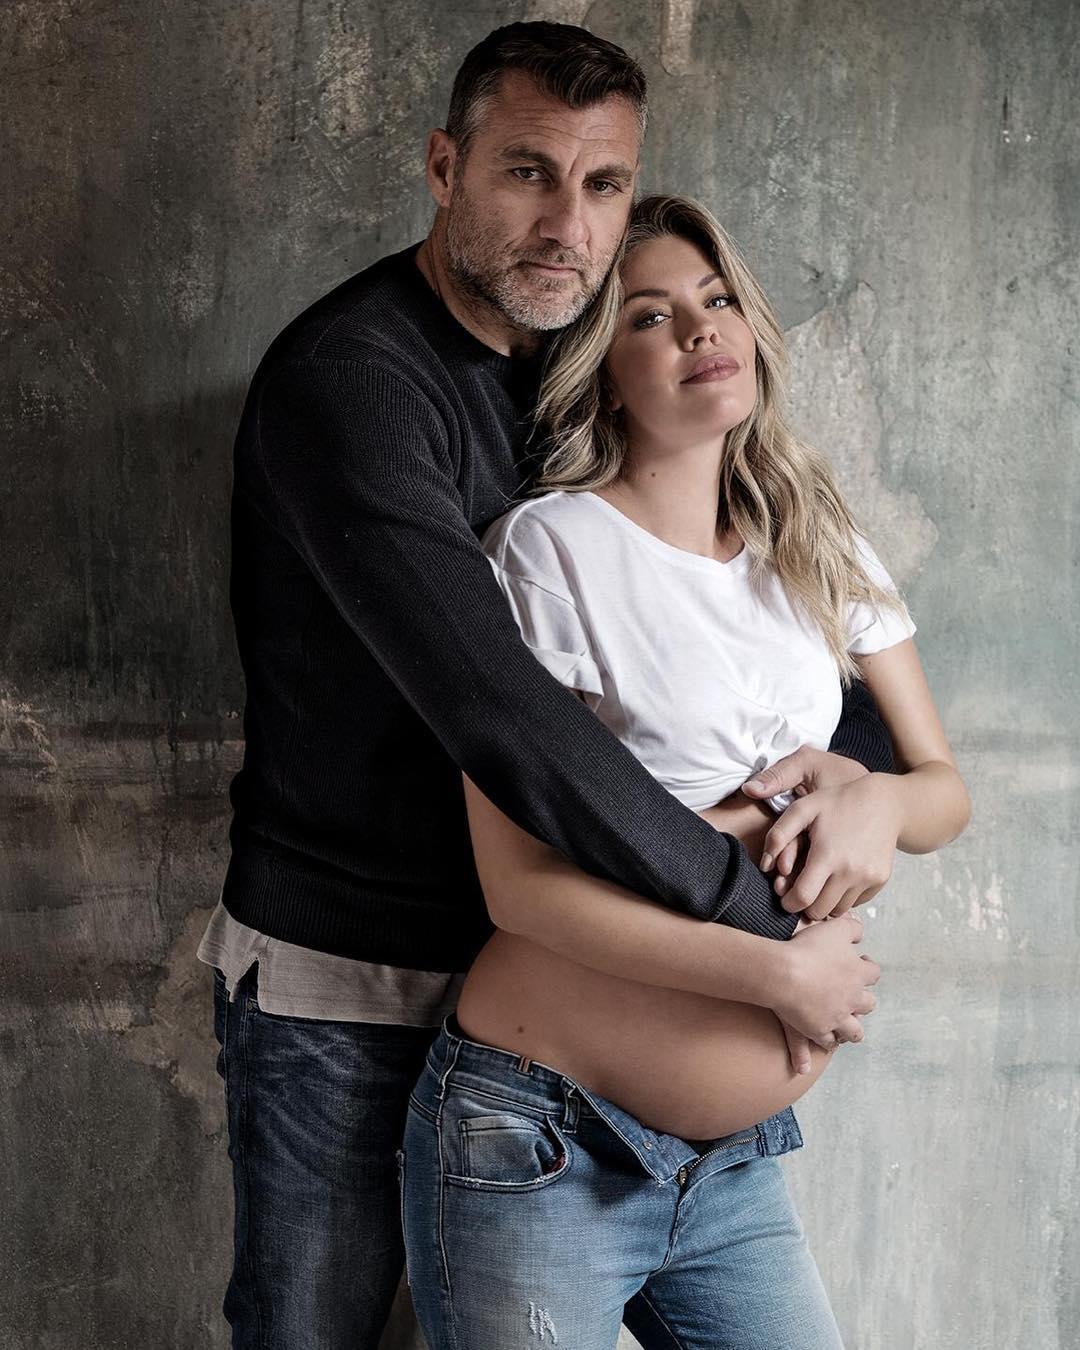 Costanza Caracciolo nude (14 fotos), photos Feet, Snapchat, cameltoe 2015